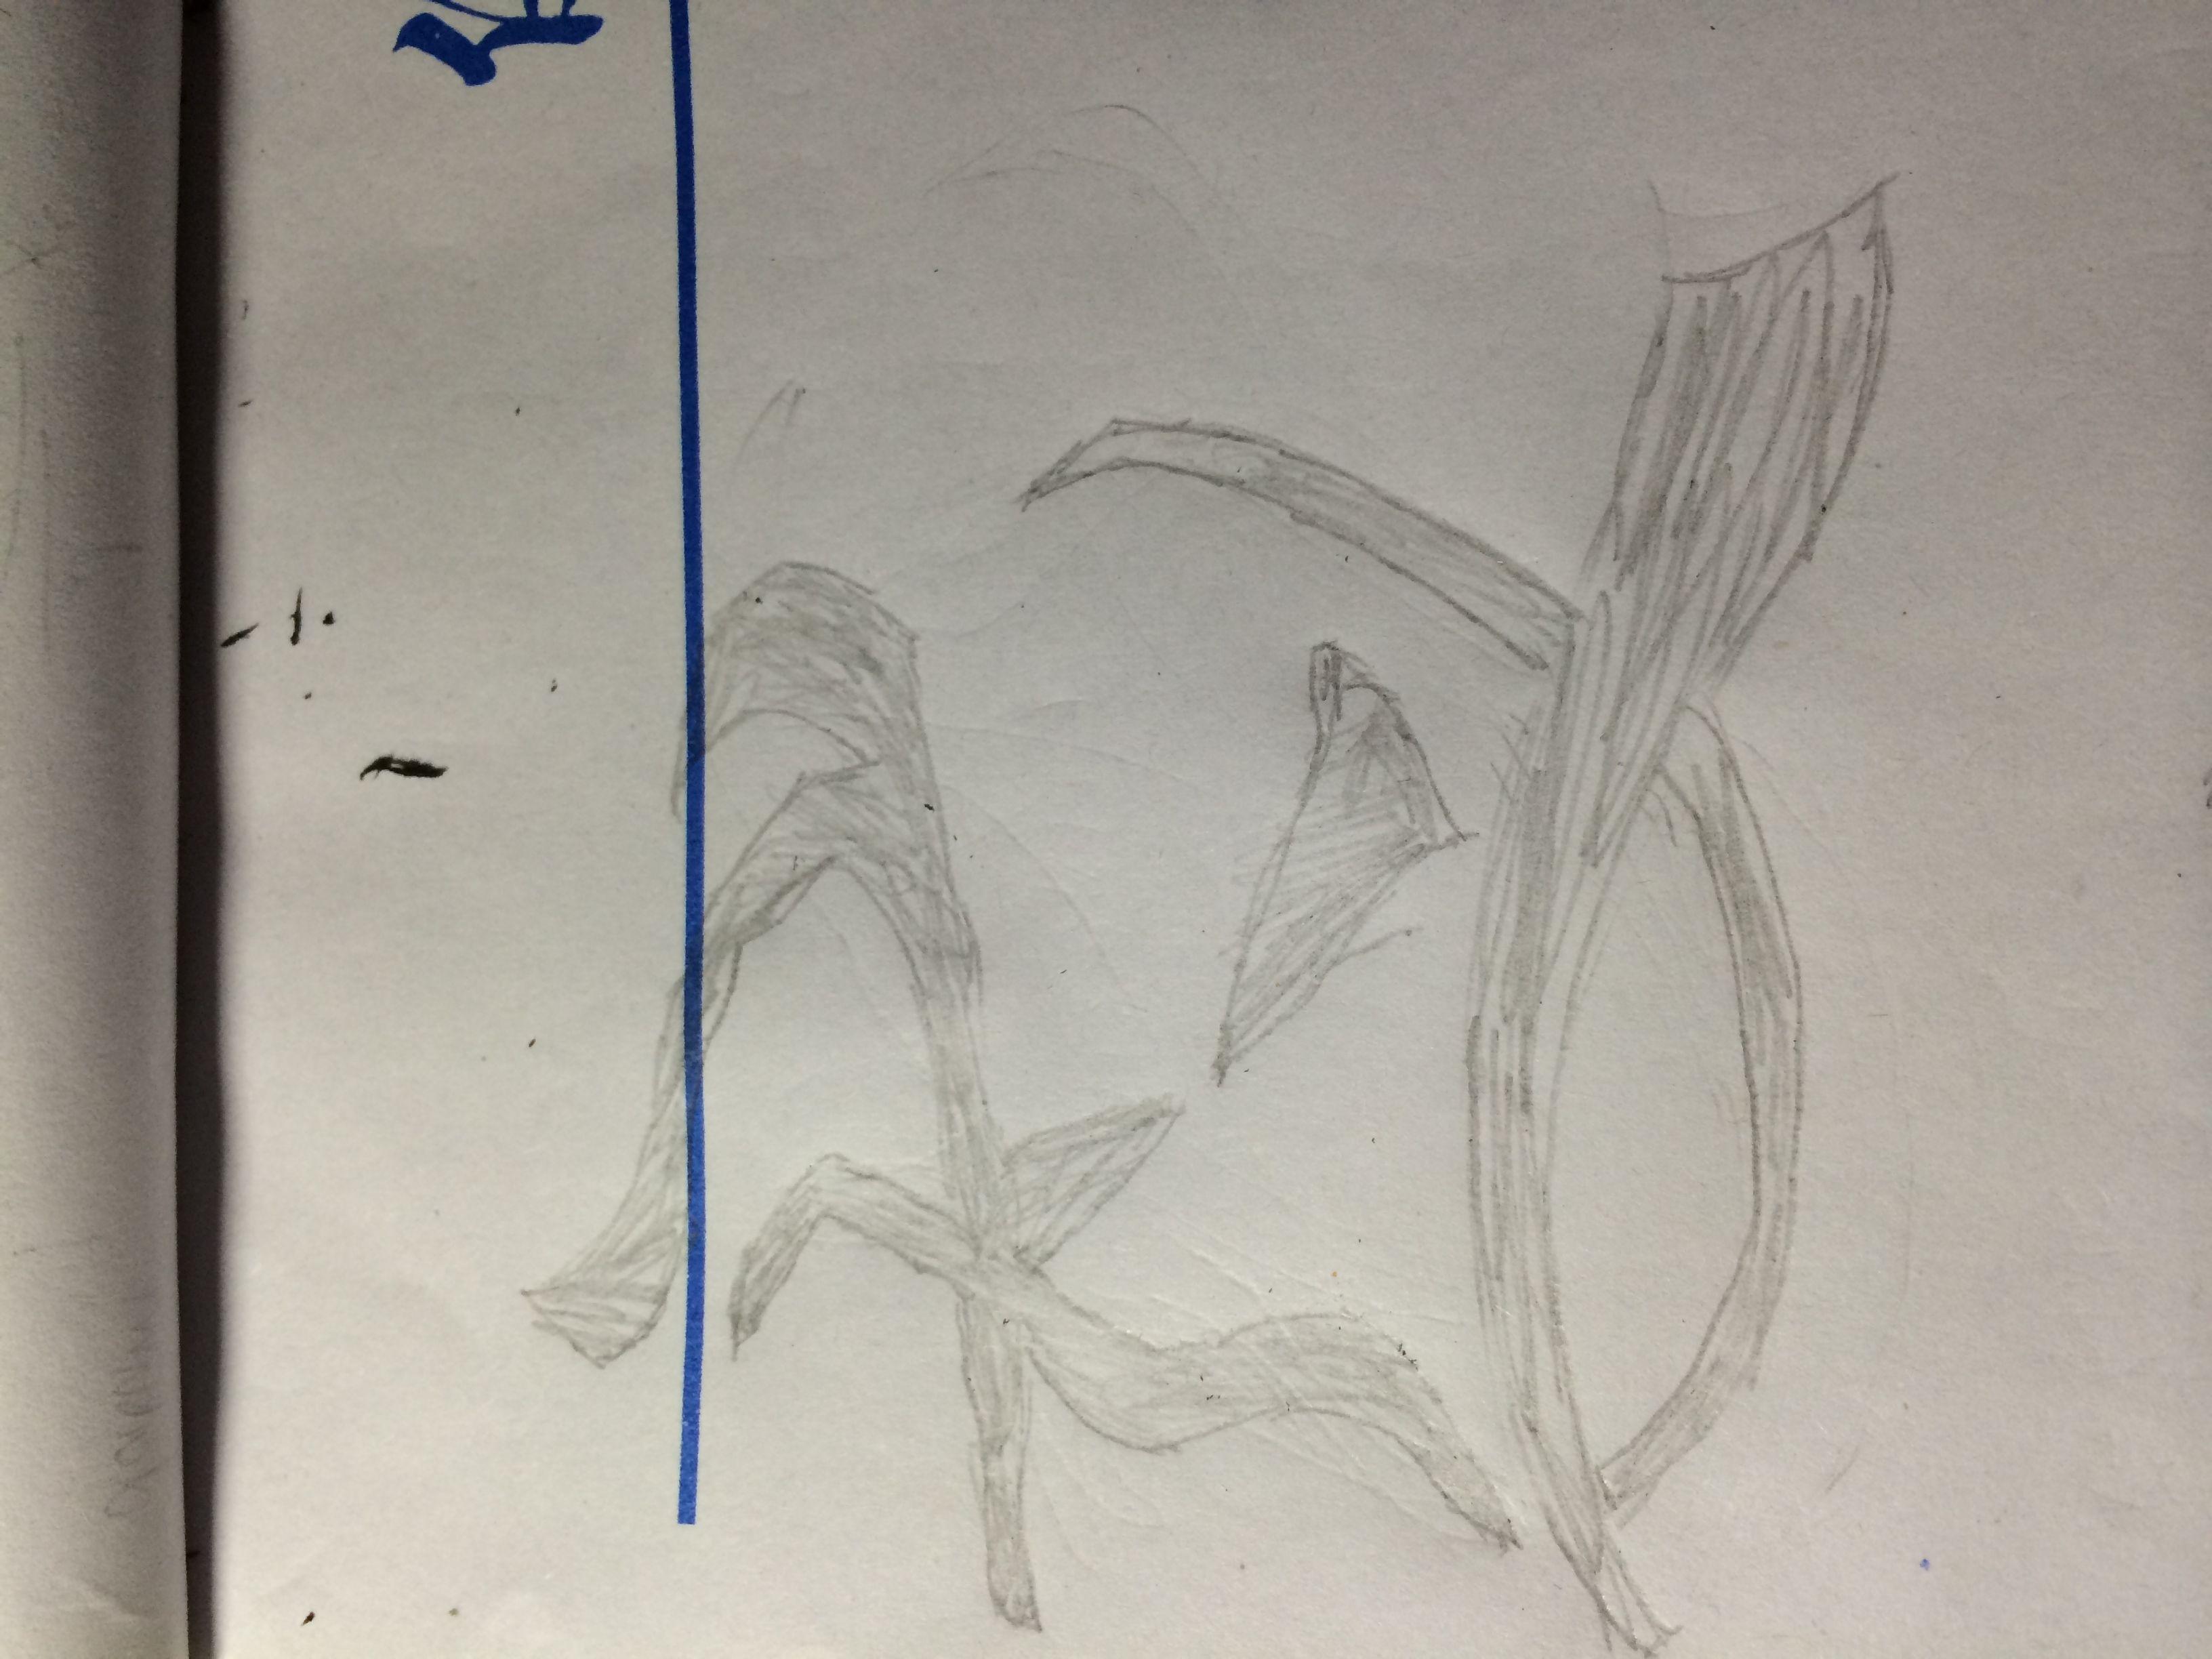 火柴人表白手绘翻页动画分解图能高清图片